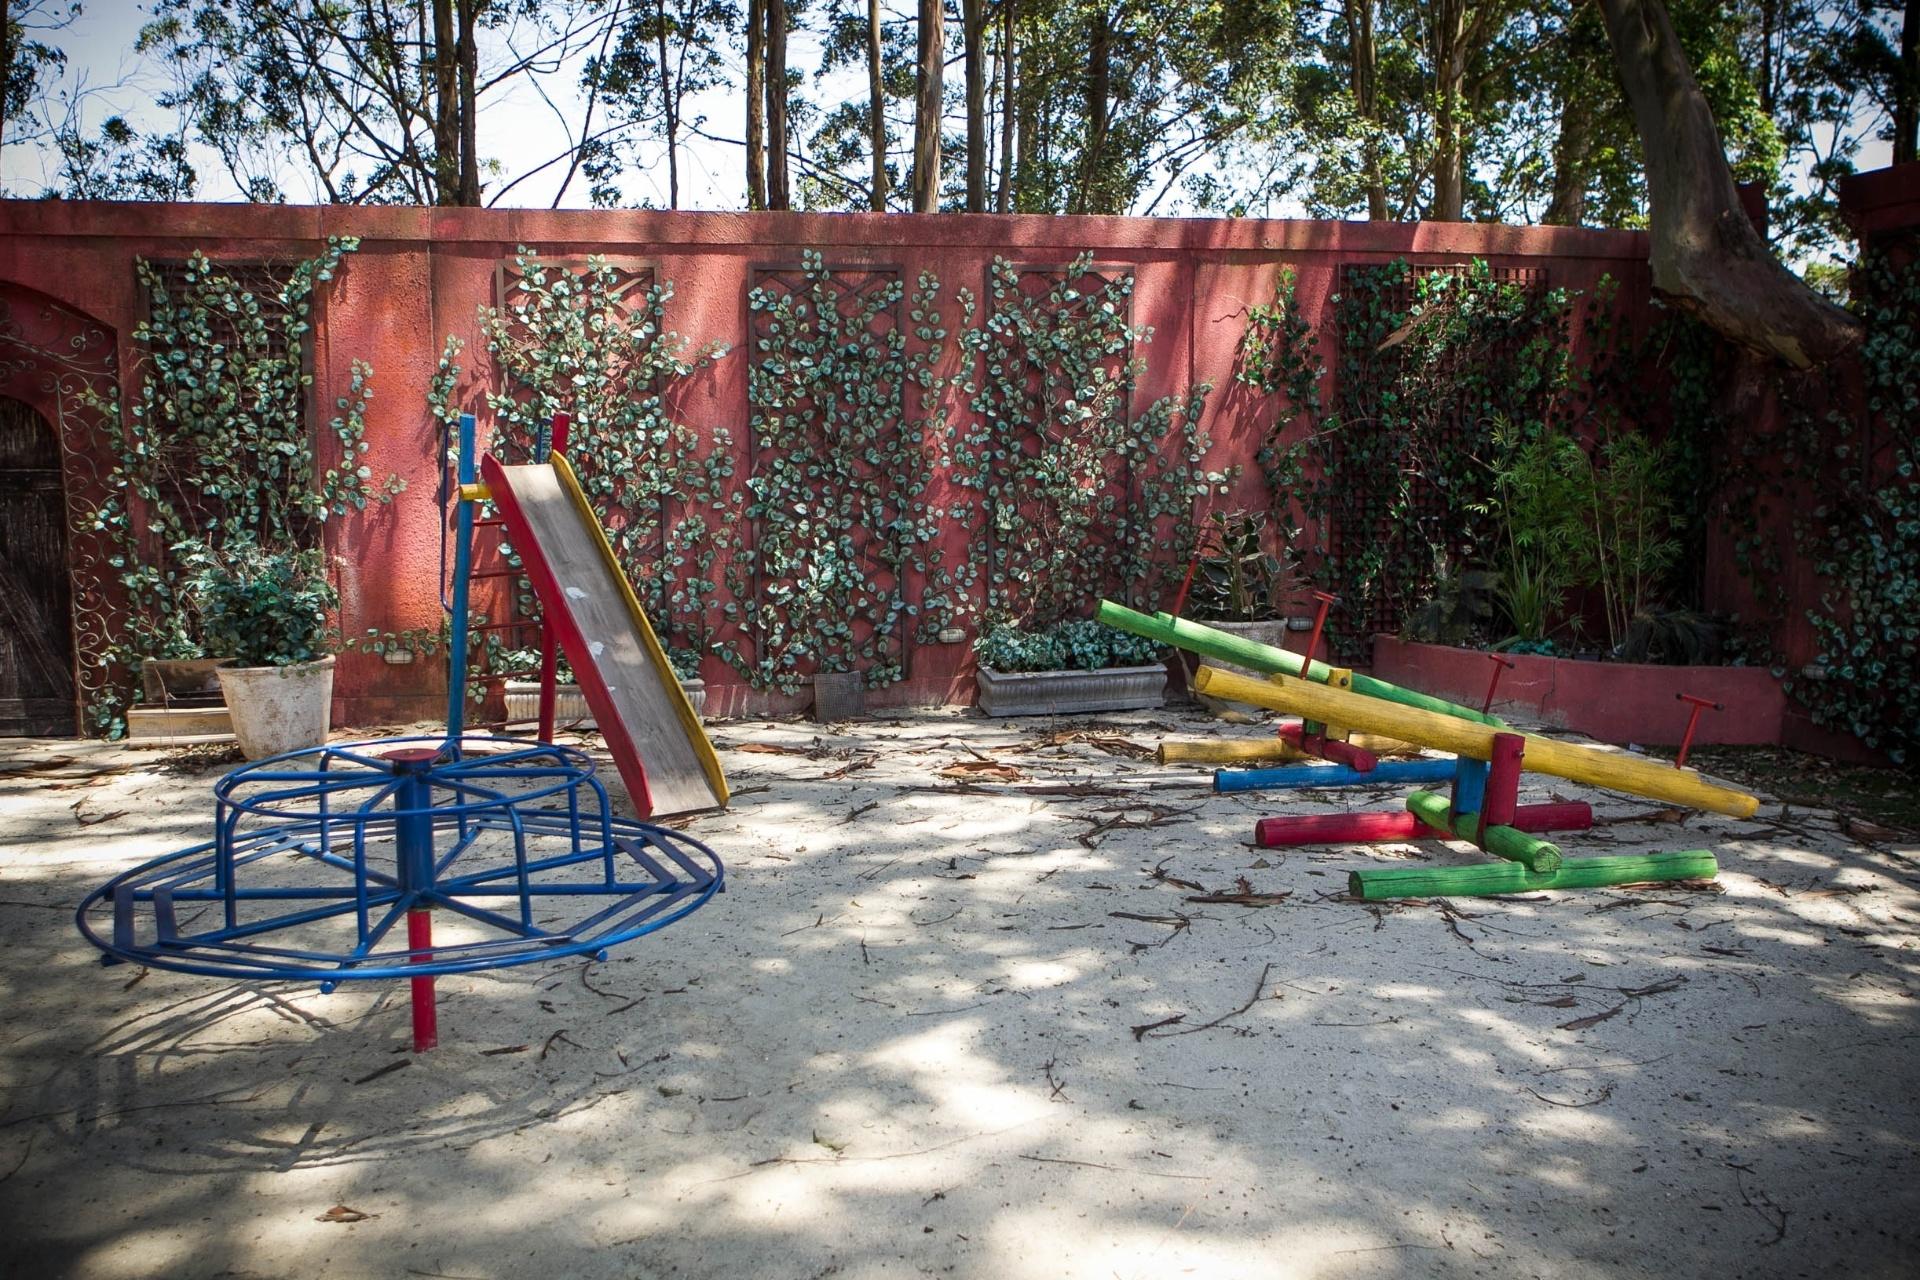 14.nov.2013 - Área externa do orfanato Raio de Luz, detalhe para o playground onde os órfãos costumam brincar e também pensar na vida